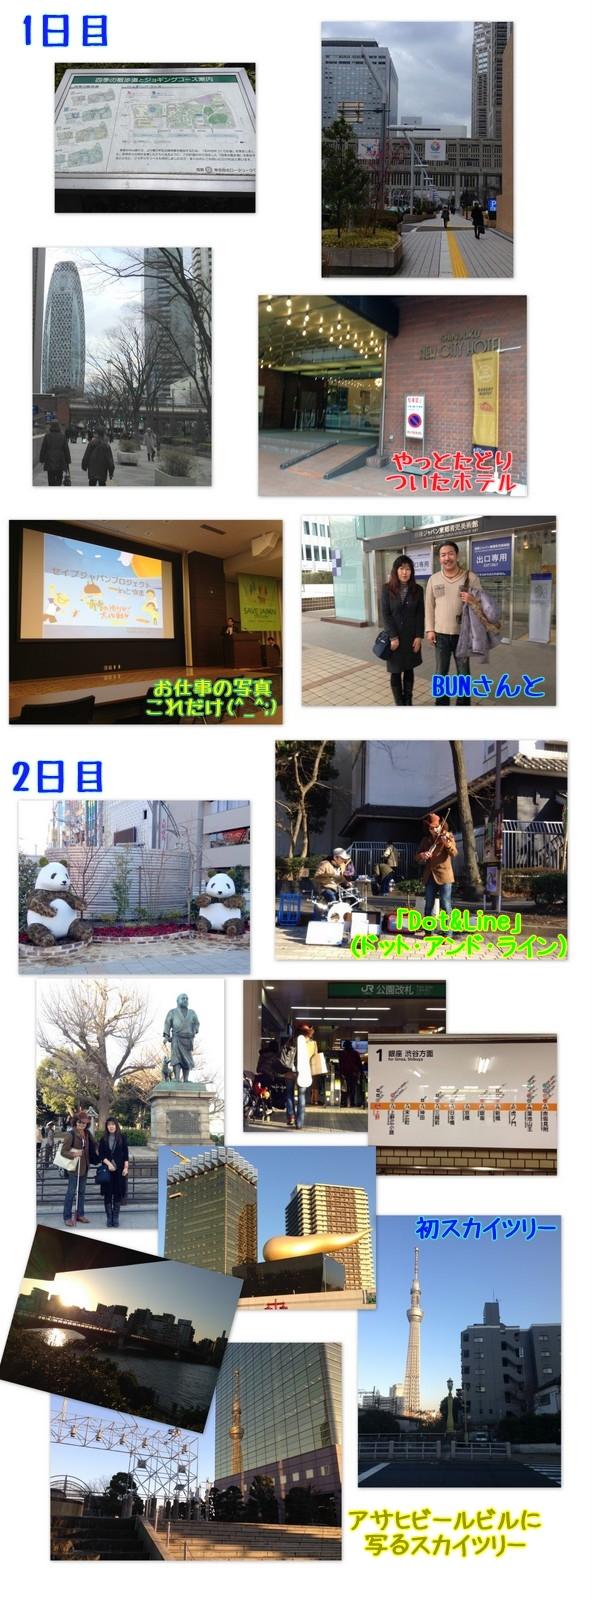 今年に入って東京方面へPart.1(1月30,31日)_a0007552_22481870.jpg